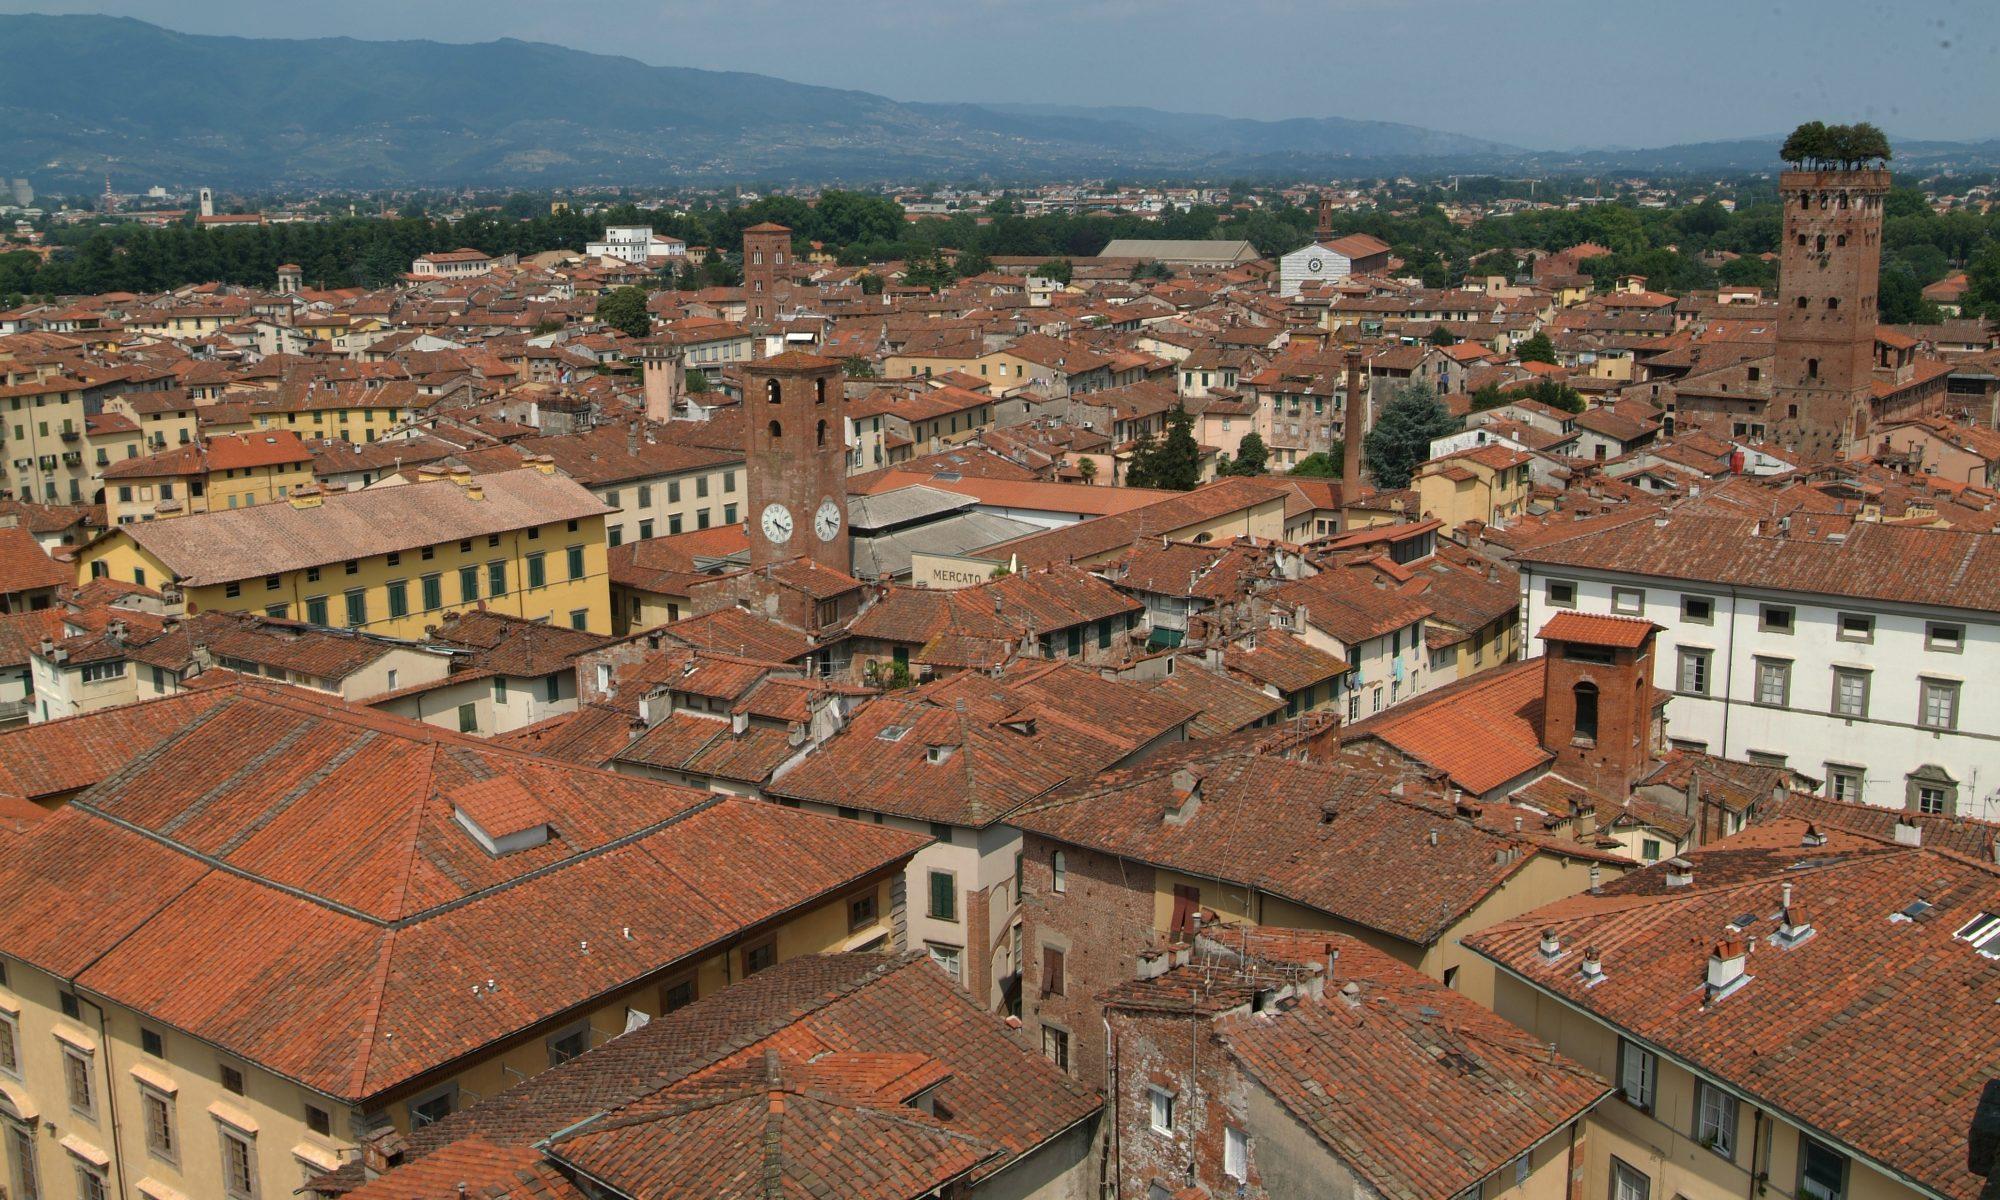 Se Toscana og Lucca